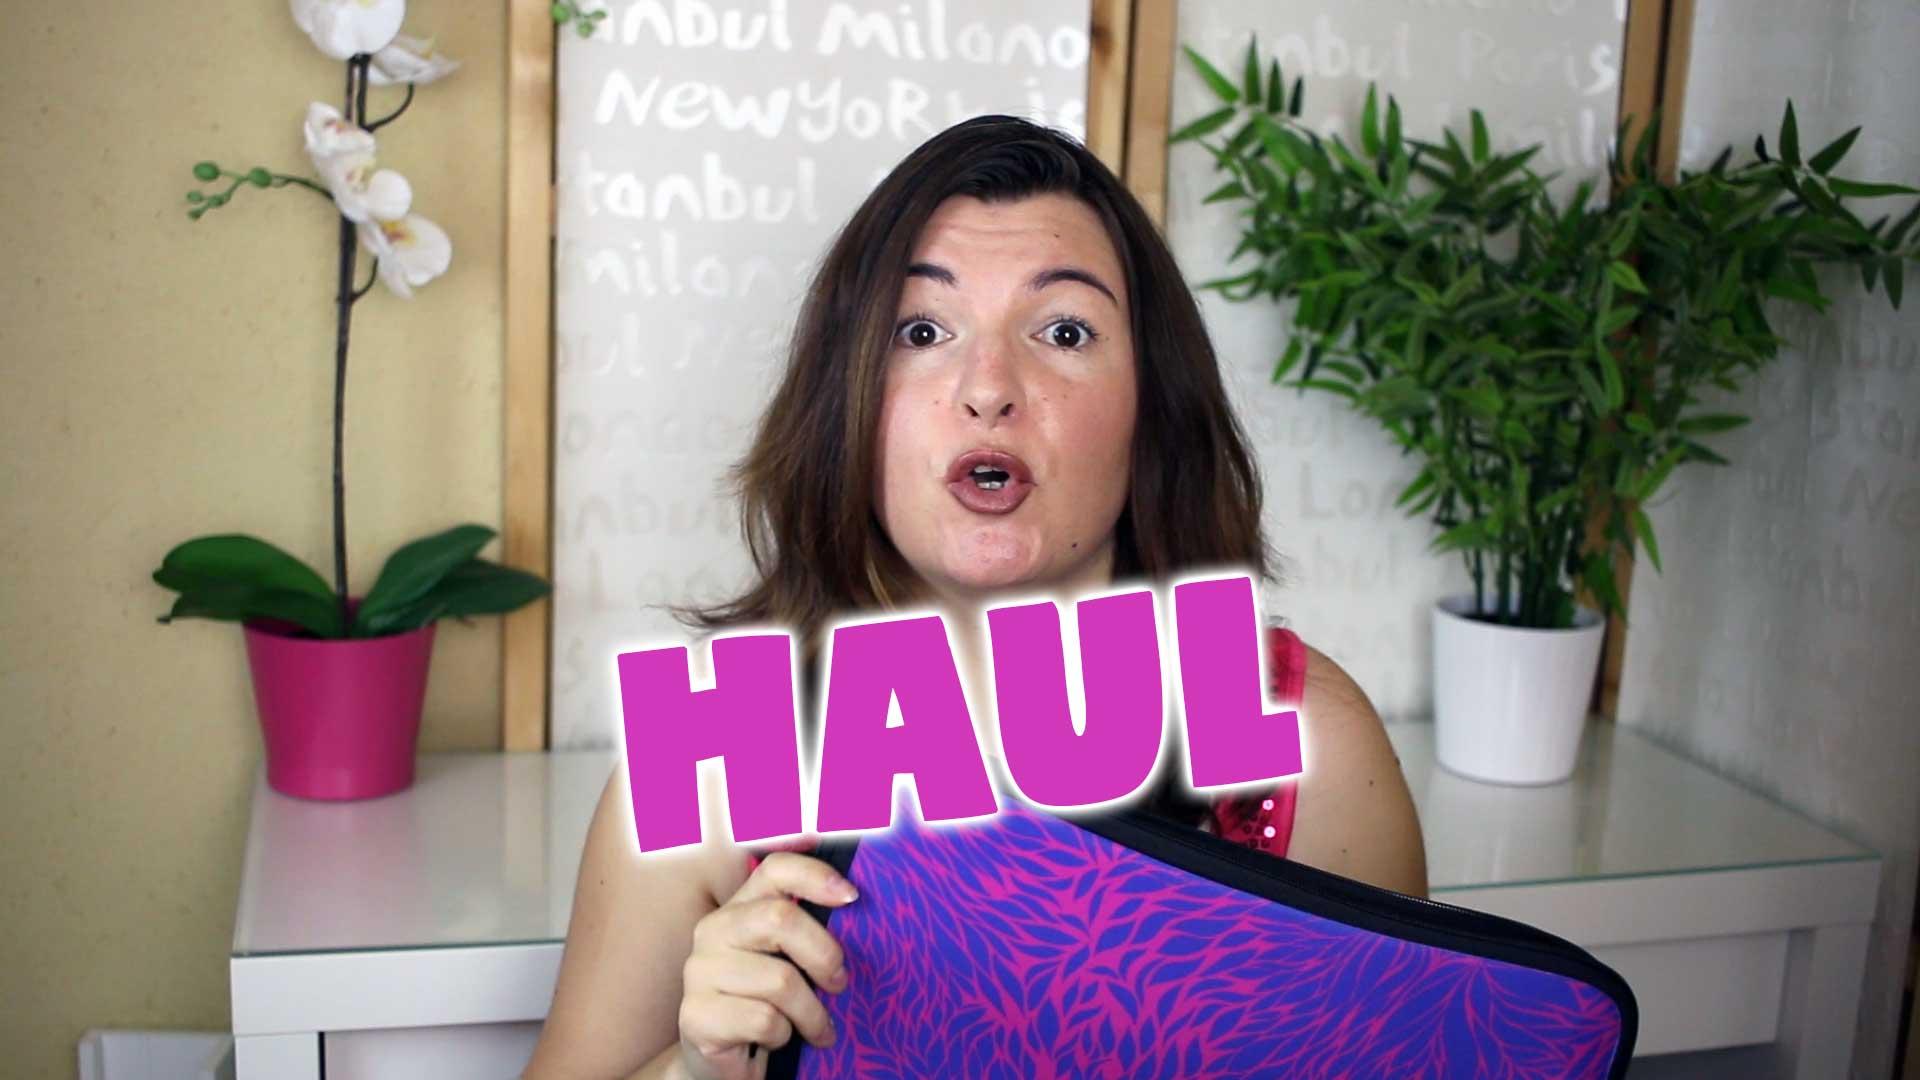 haul-quoide9-mongraindefolie